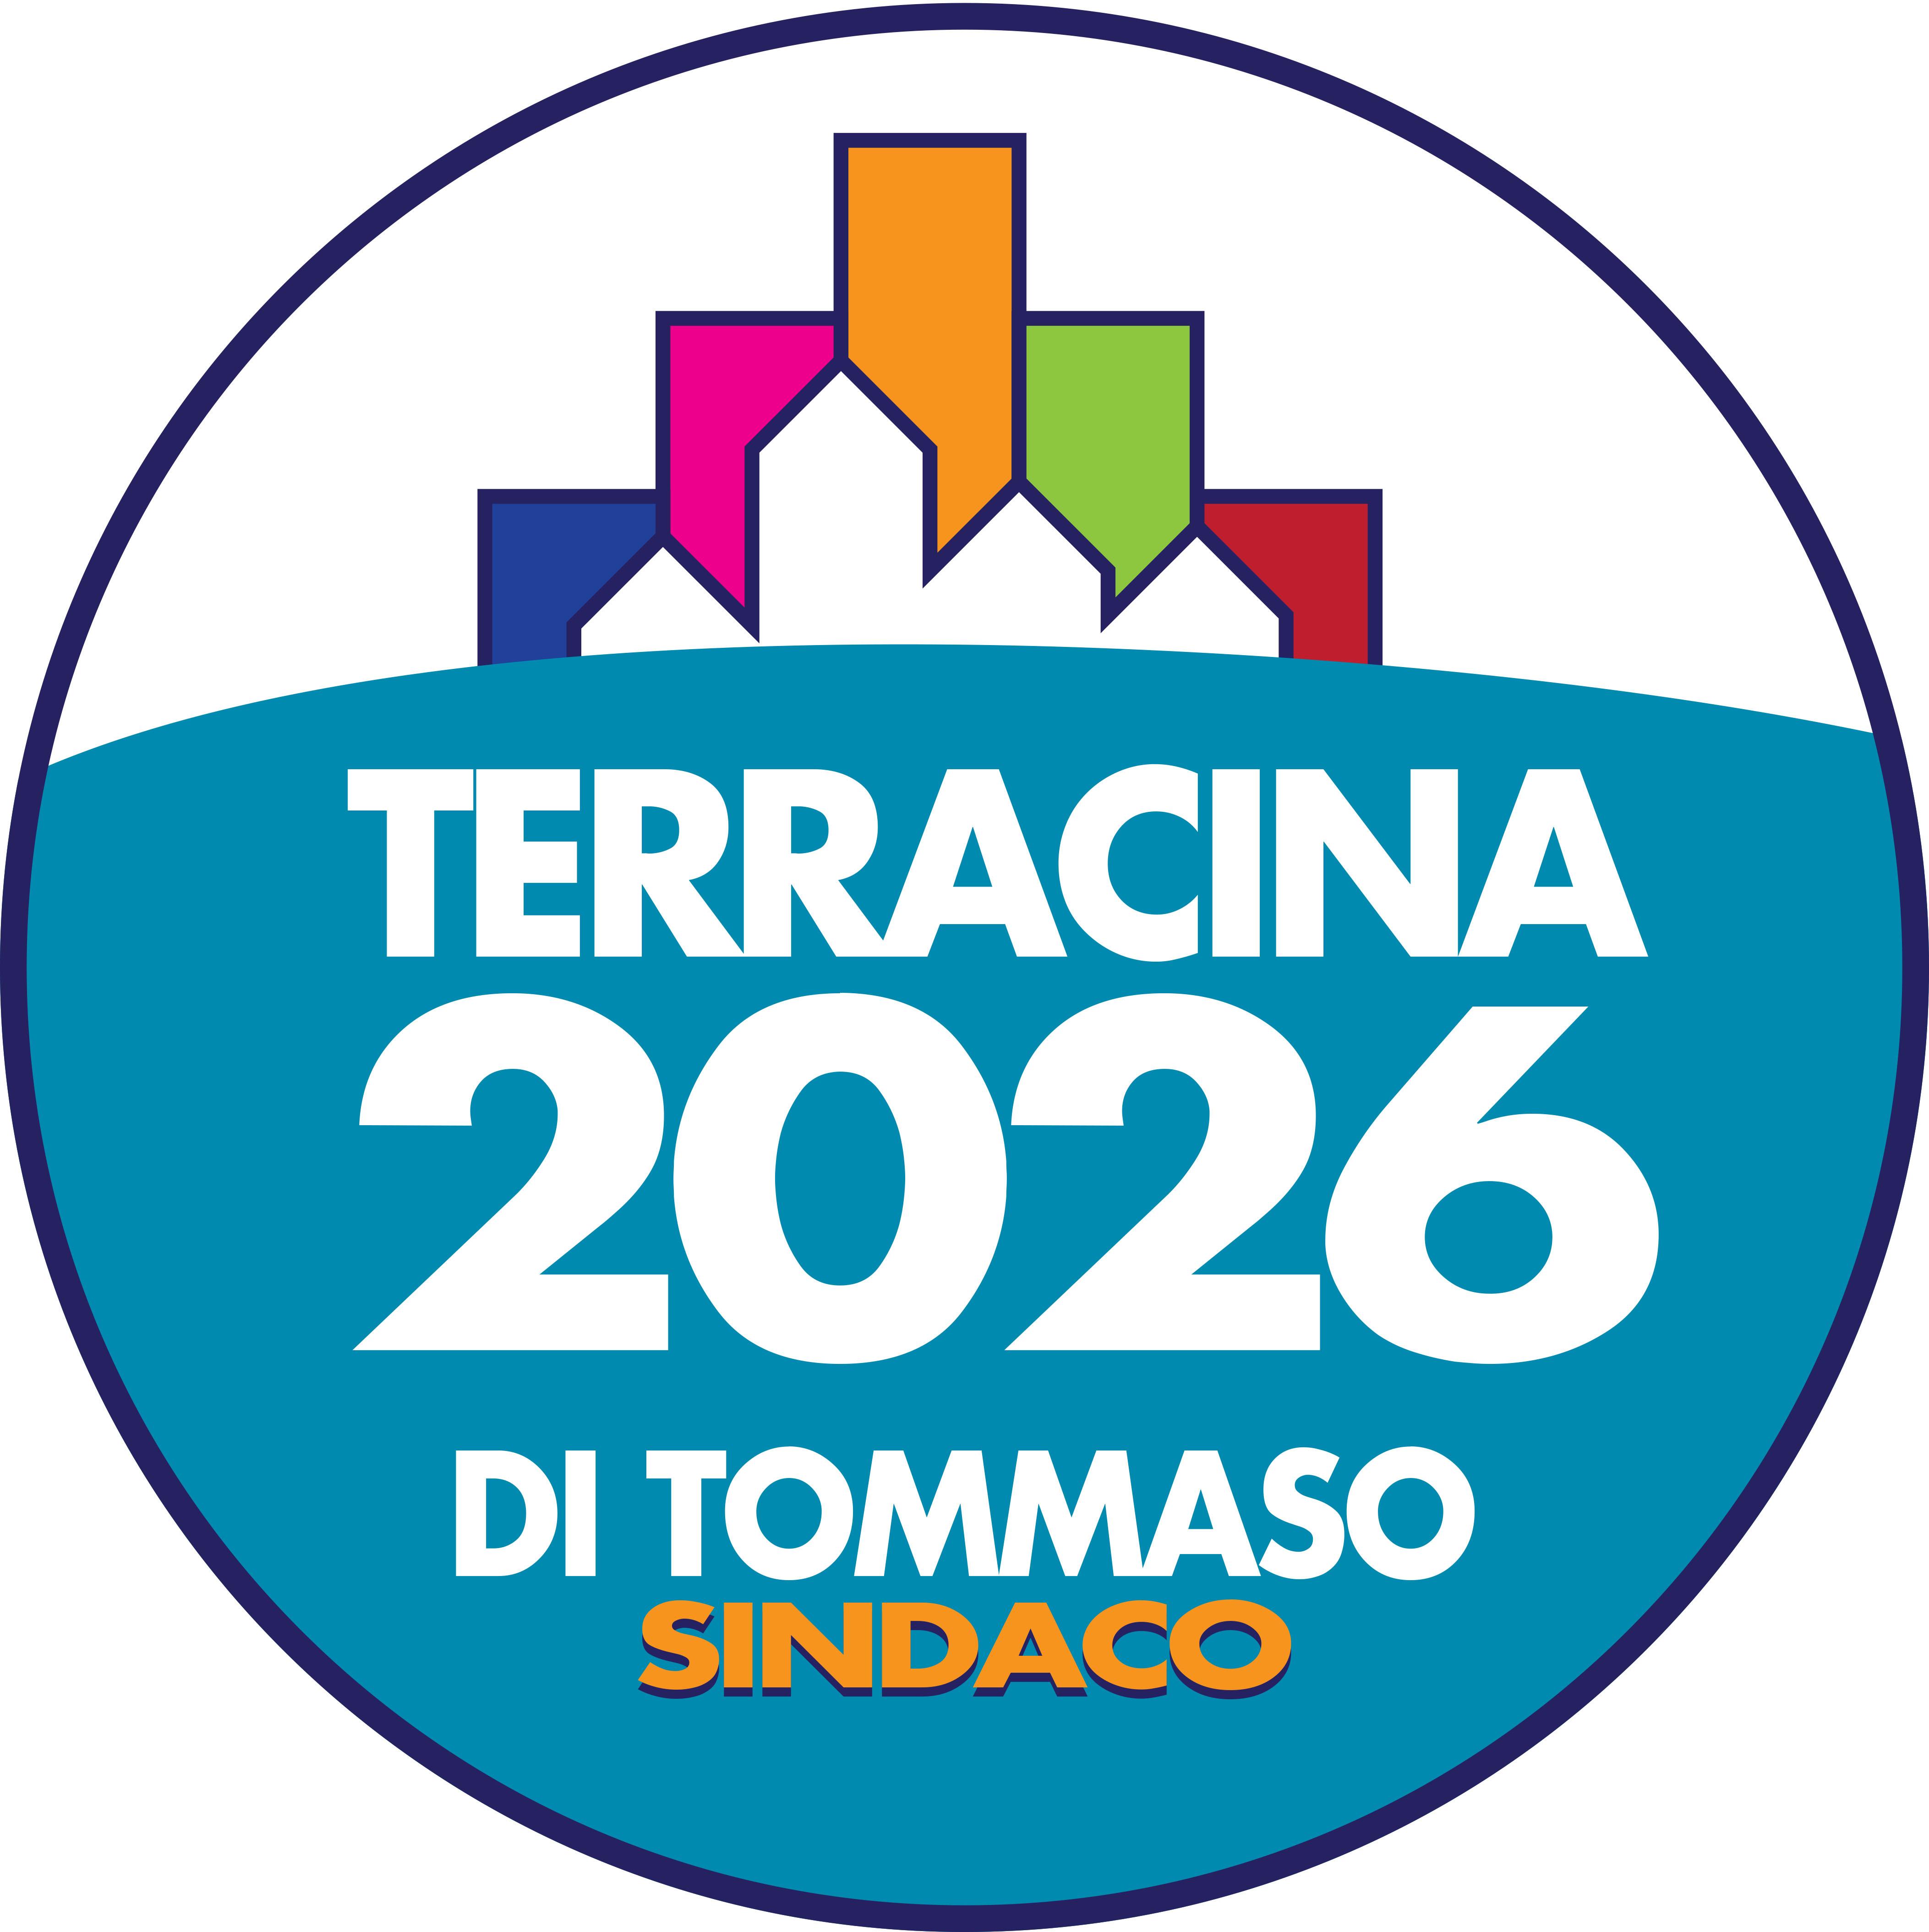 Terracina2026-PD